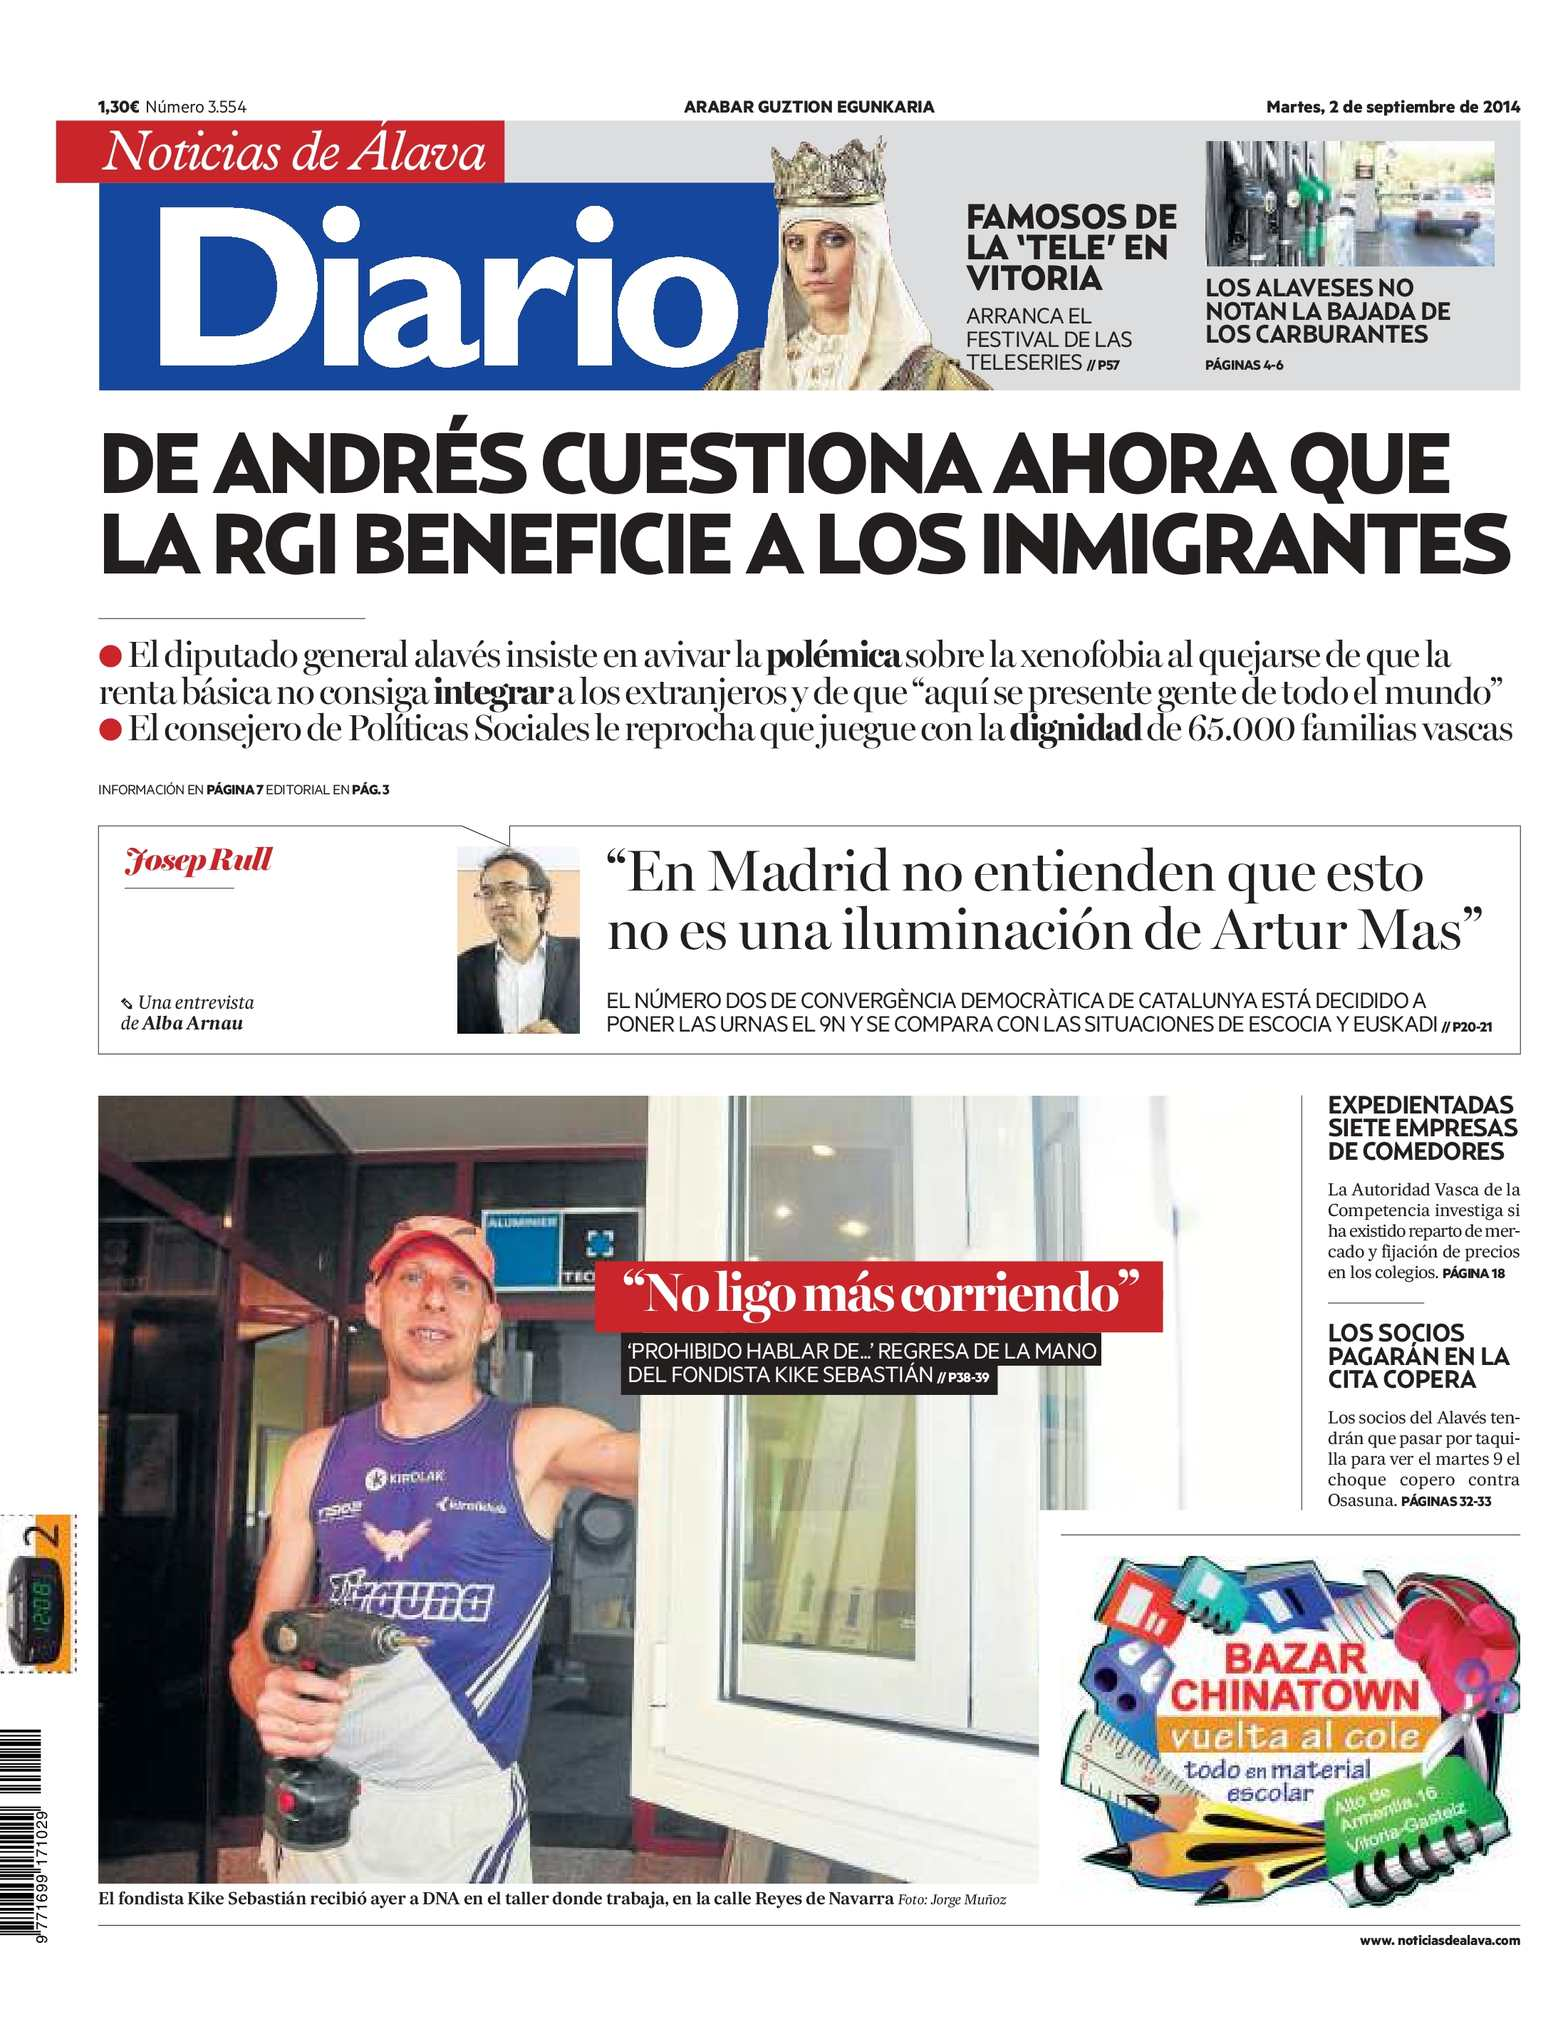 Javier Banos Agorria.Calameo Diario De Noticias De Alava 20140902